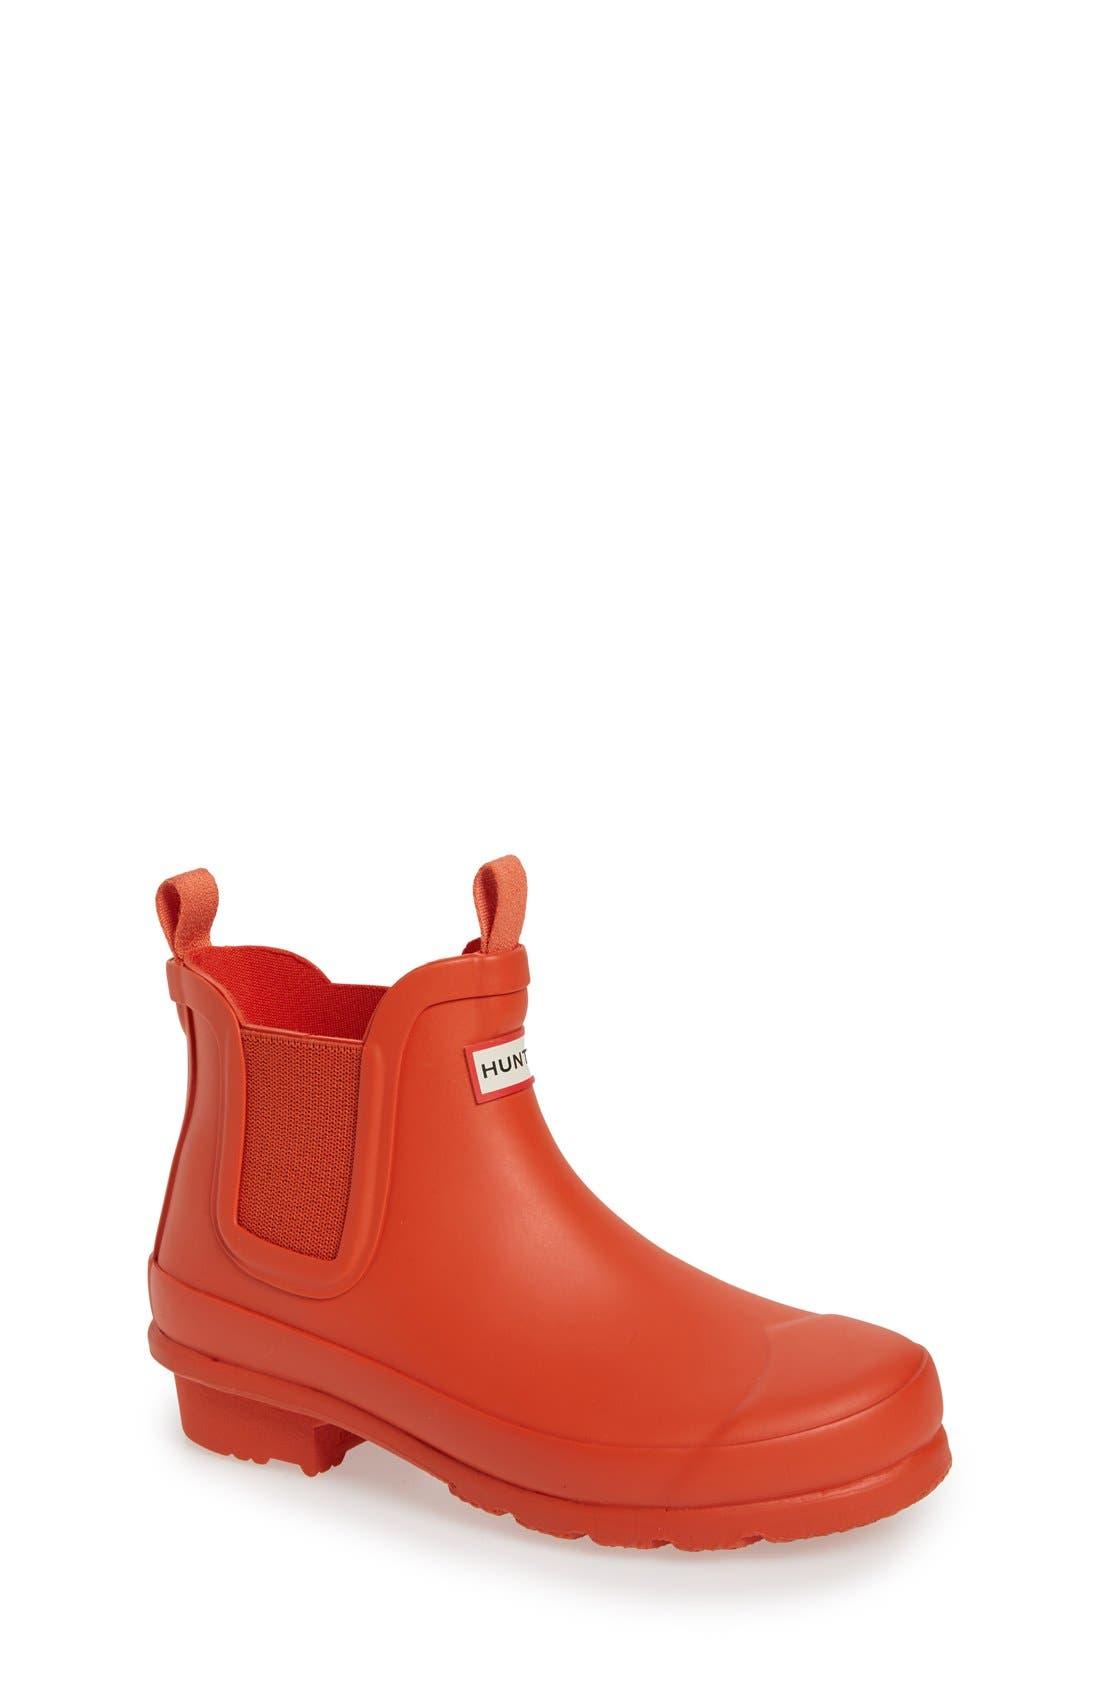 Main Image - Hunter 'Original' Chelsea Rain Boot (Toddler, Little Kid & Big Kid)